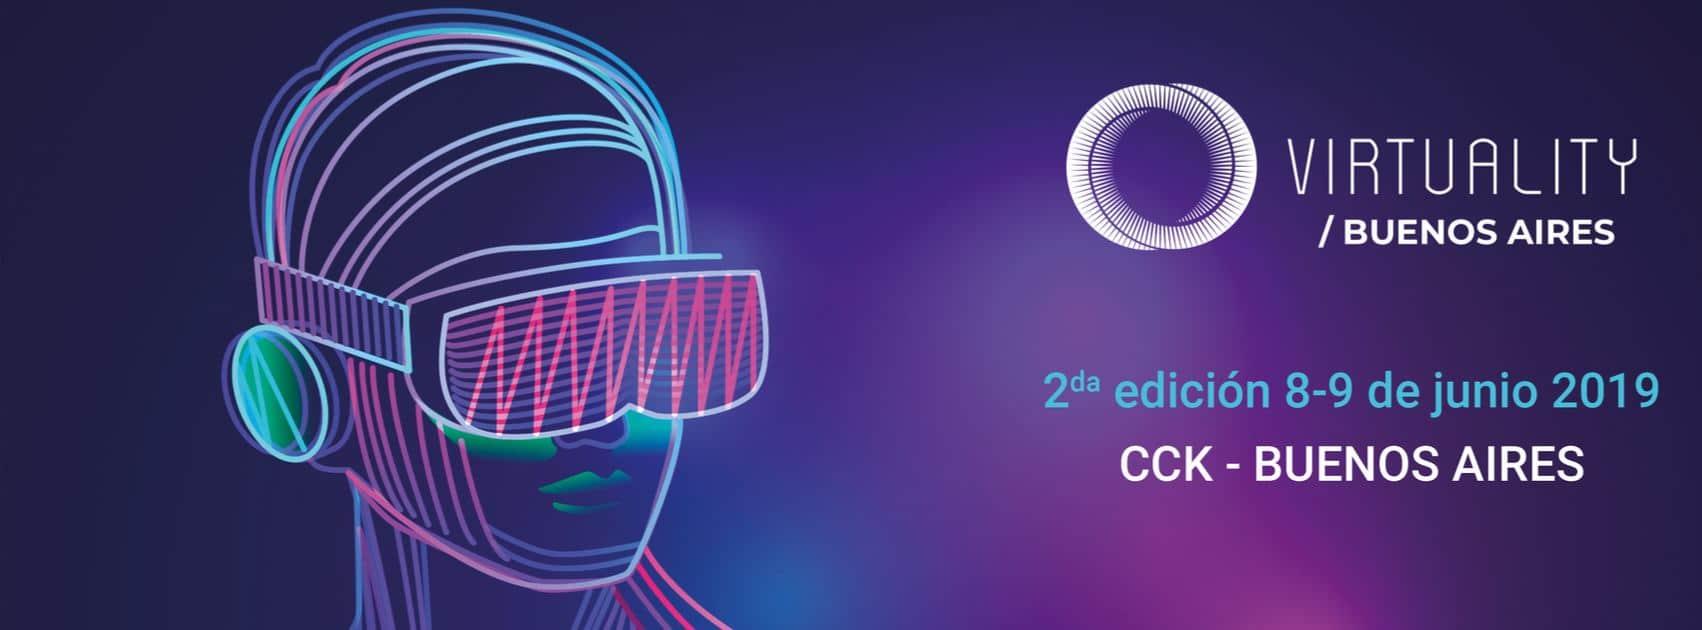 Mondoñedo 360º Experience Vol. 1 seleccionado en el Virtuality Buenos Aires 2019